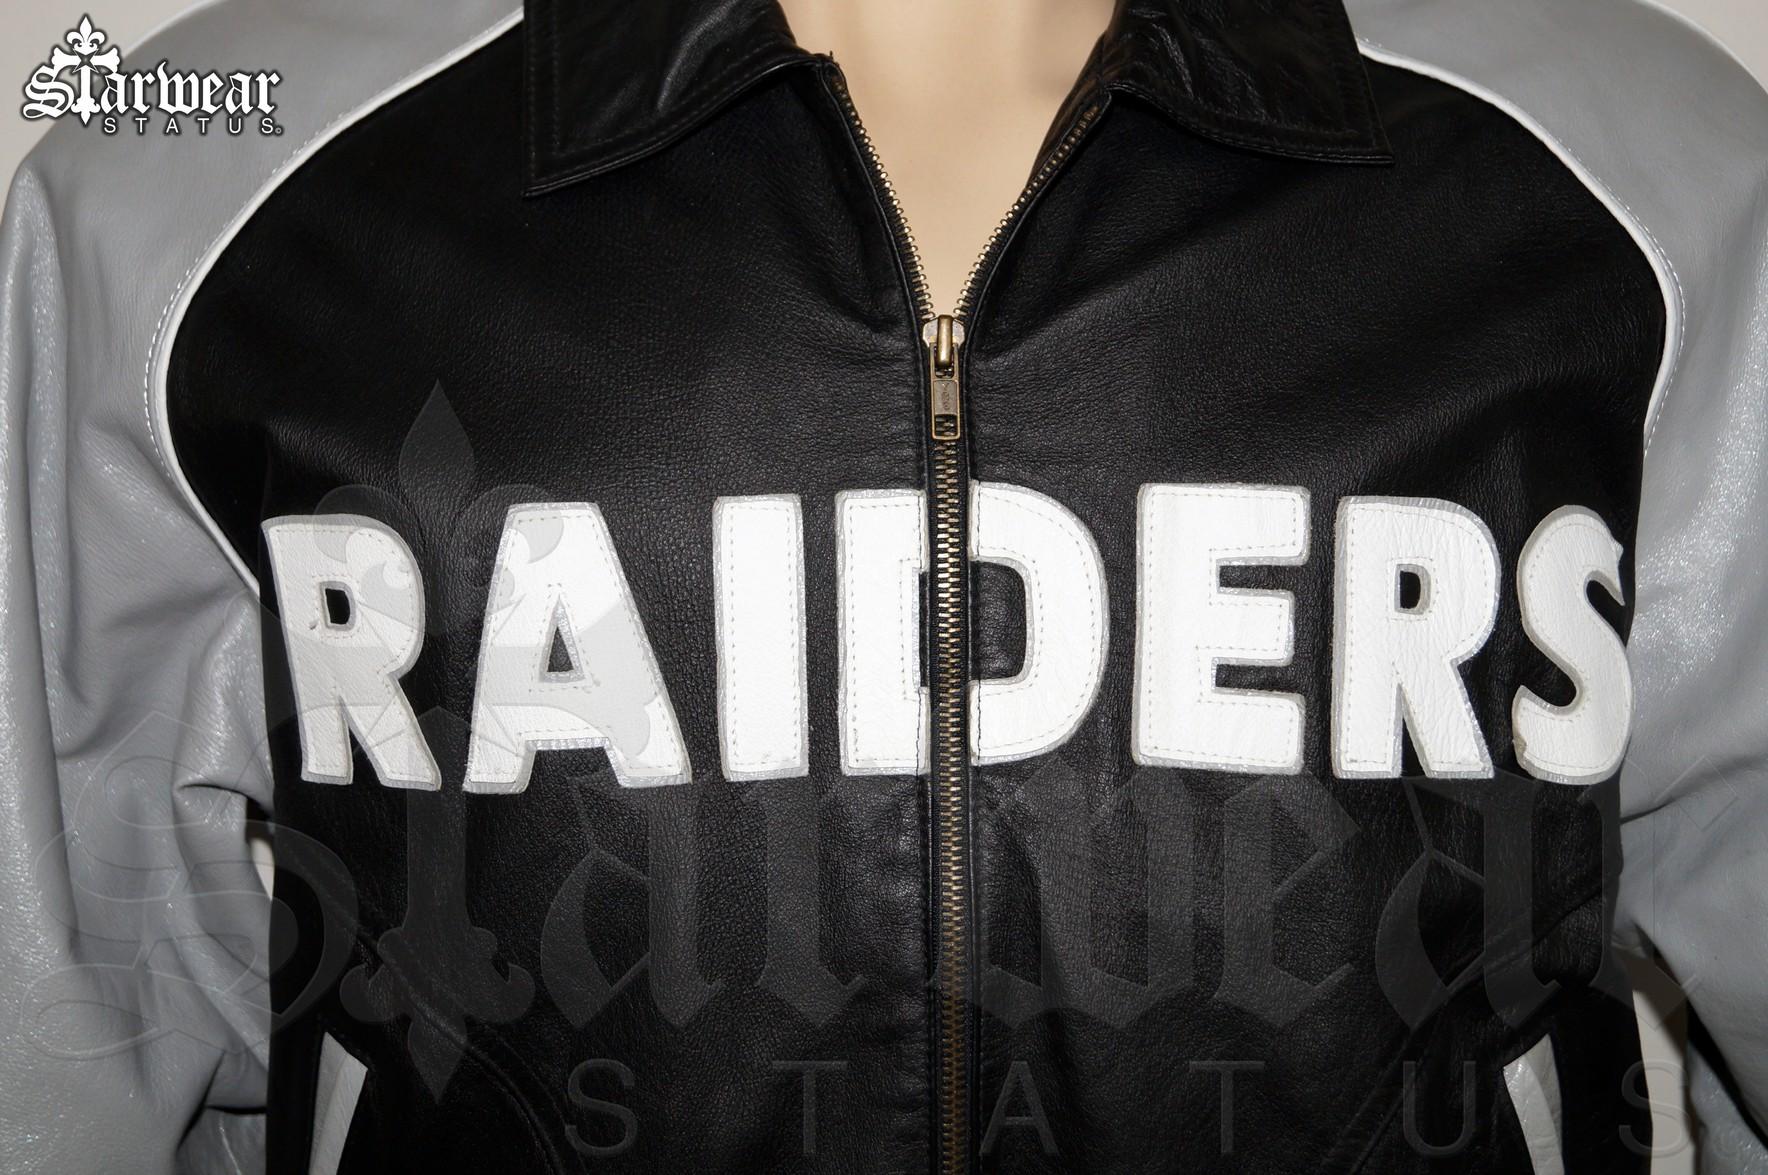 Raiders Varsity Jacket | Raiders Boots | Old School Raiders Starter Jacket